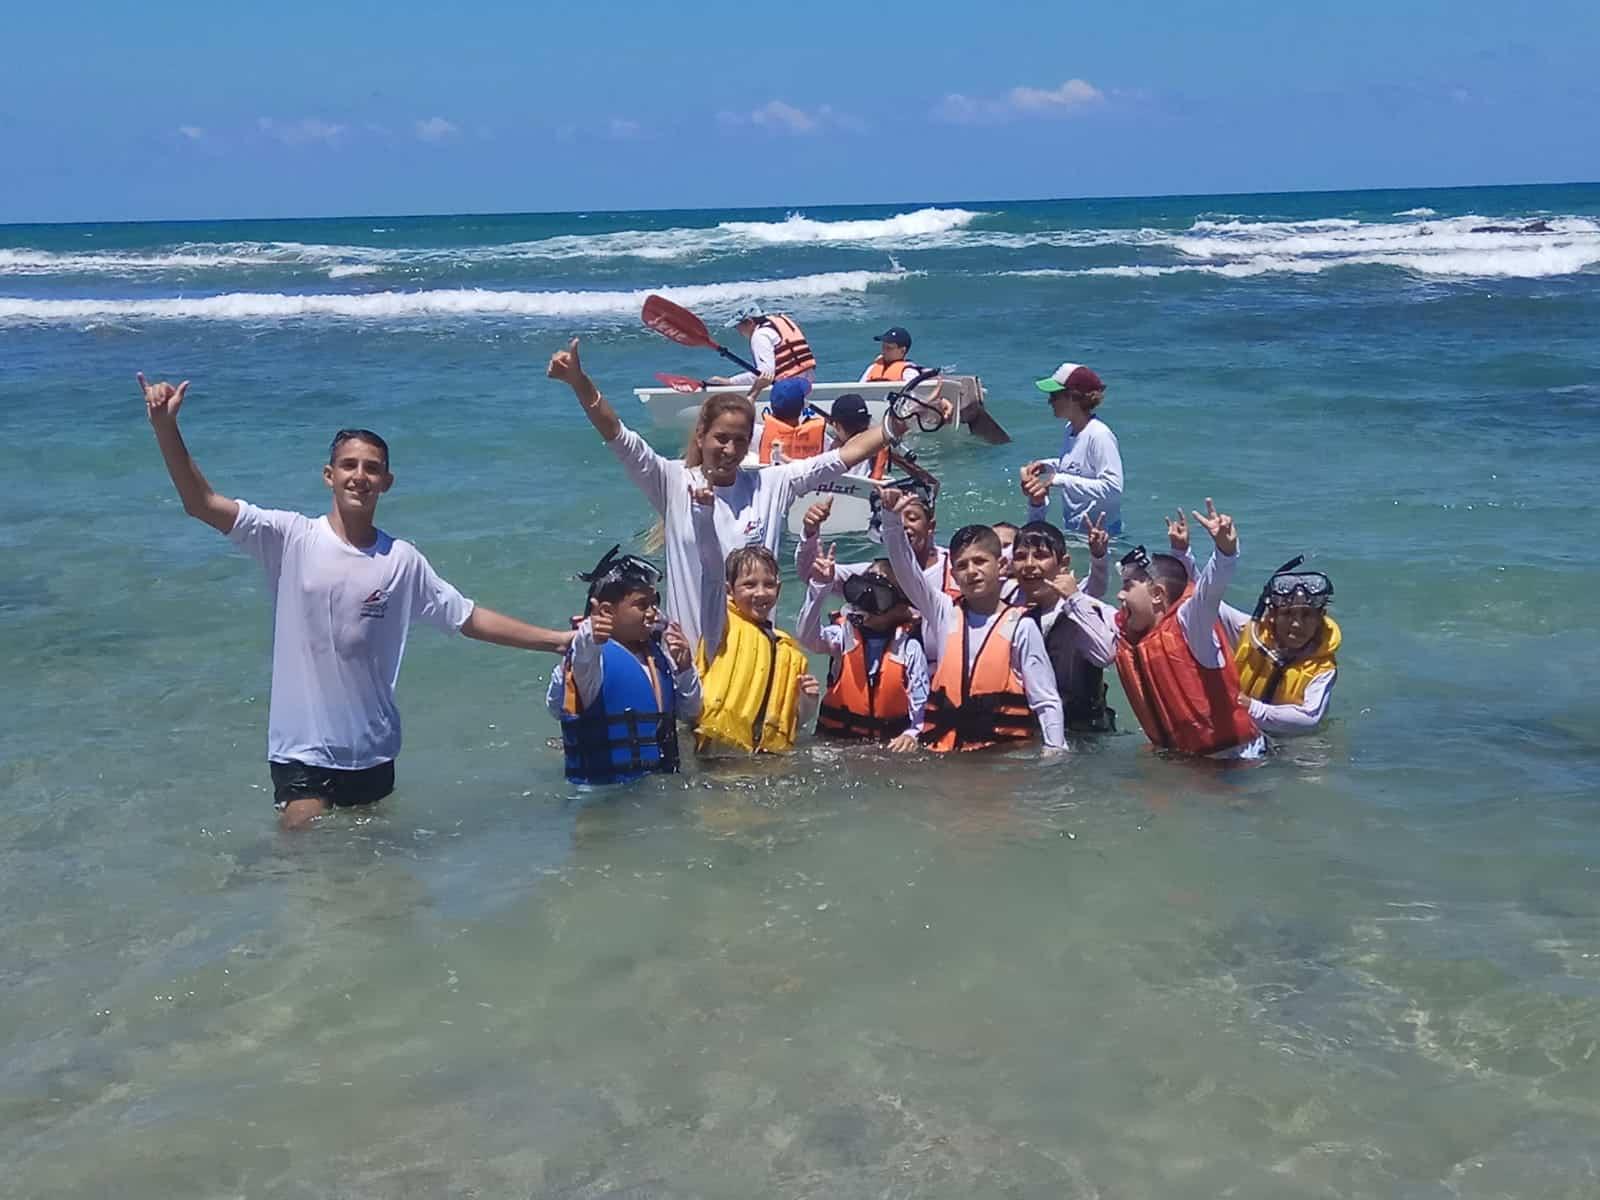 קייטנת הגלישה בבת ים, צילום: פרטי